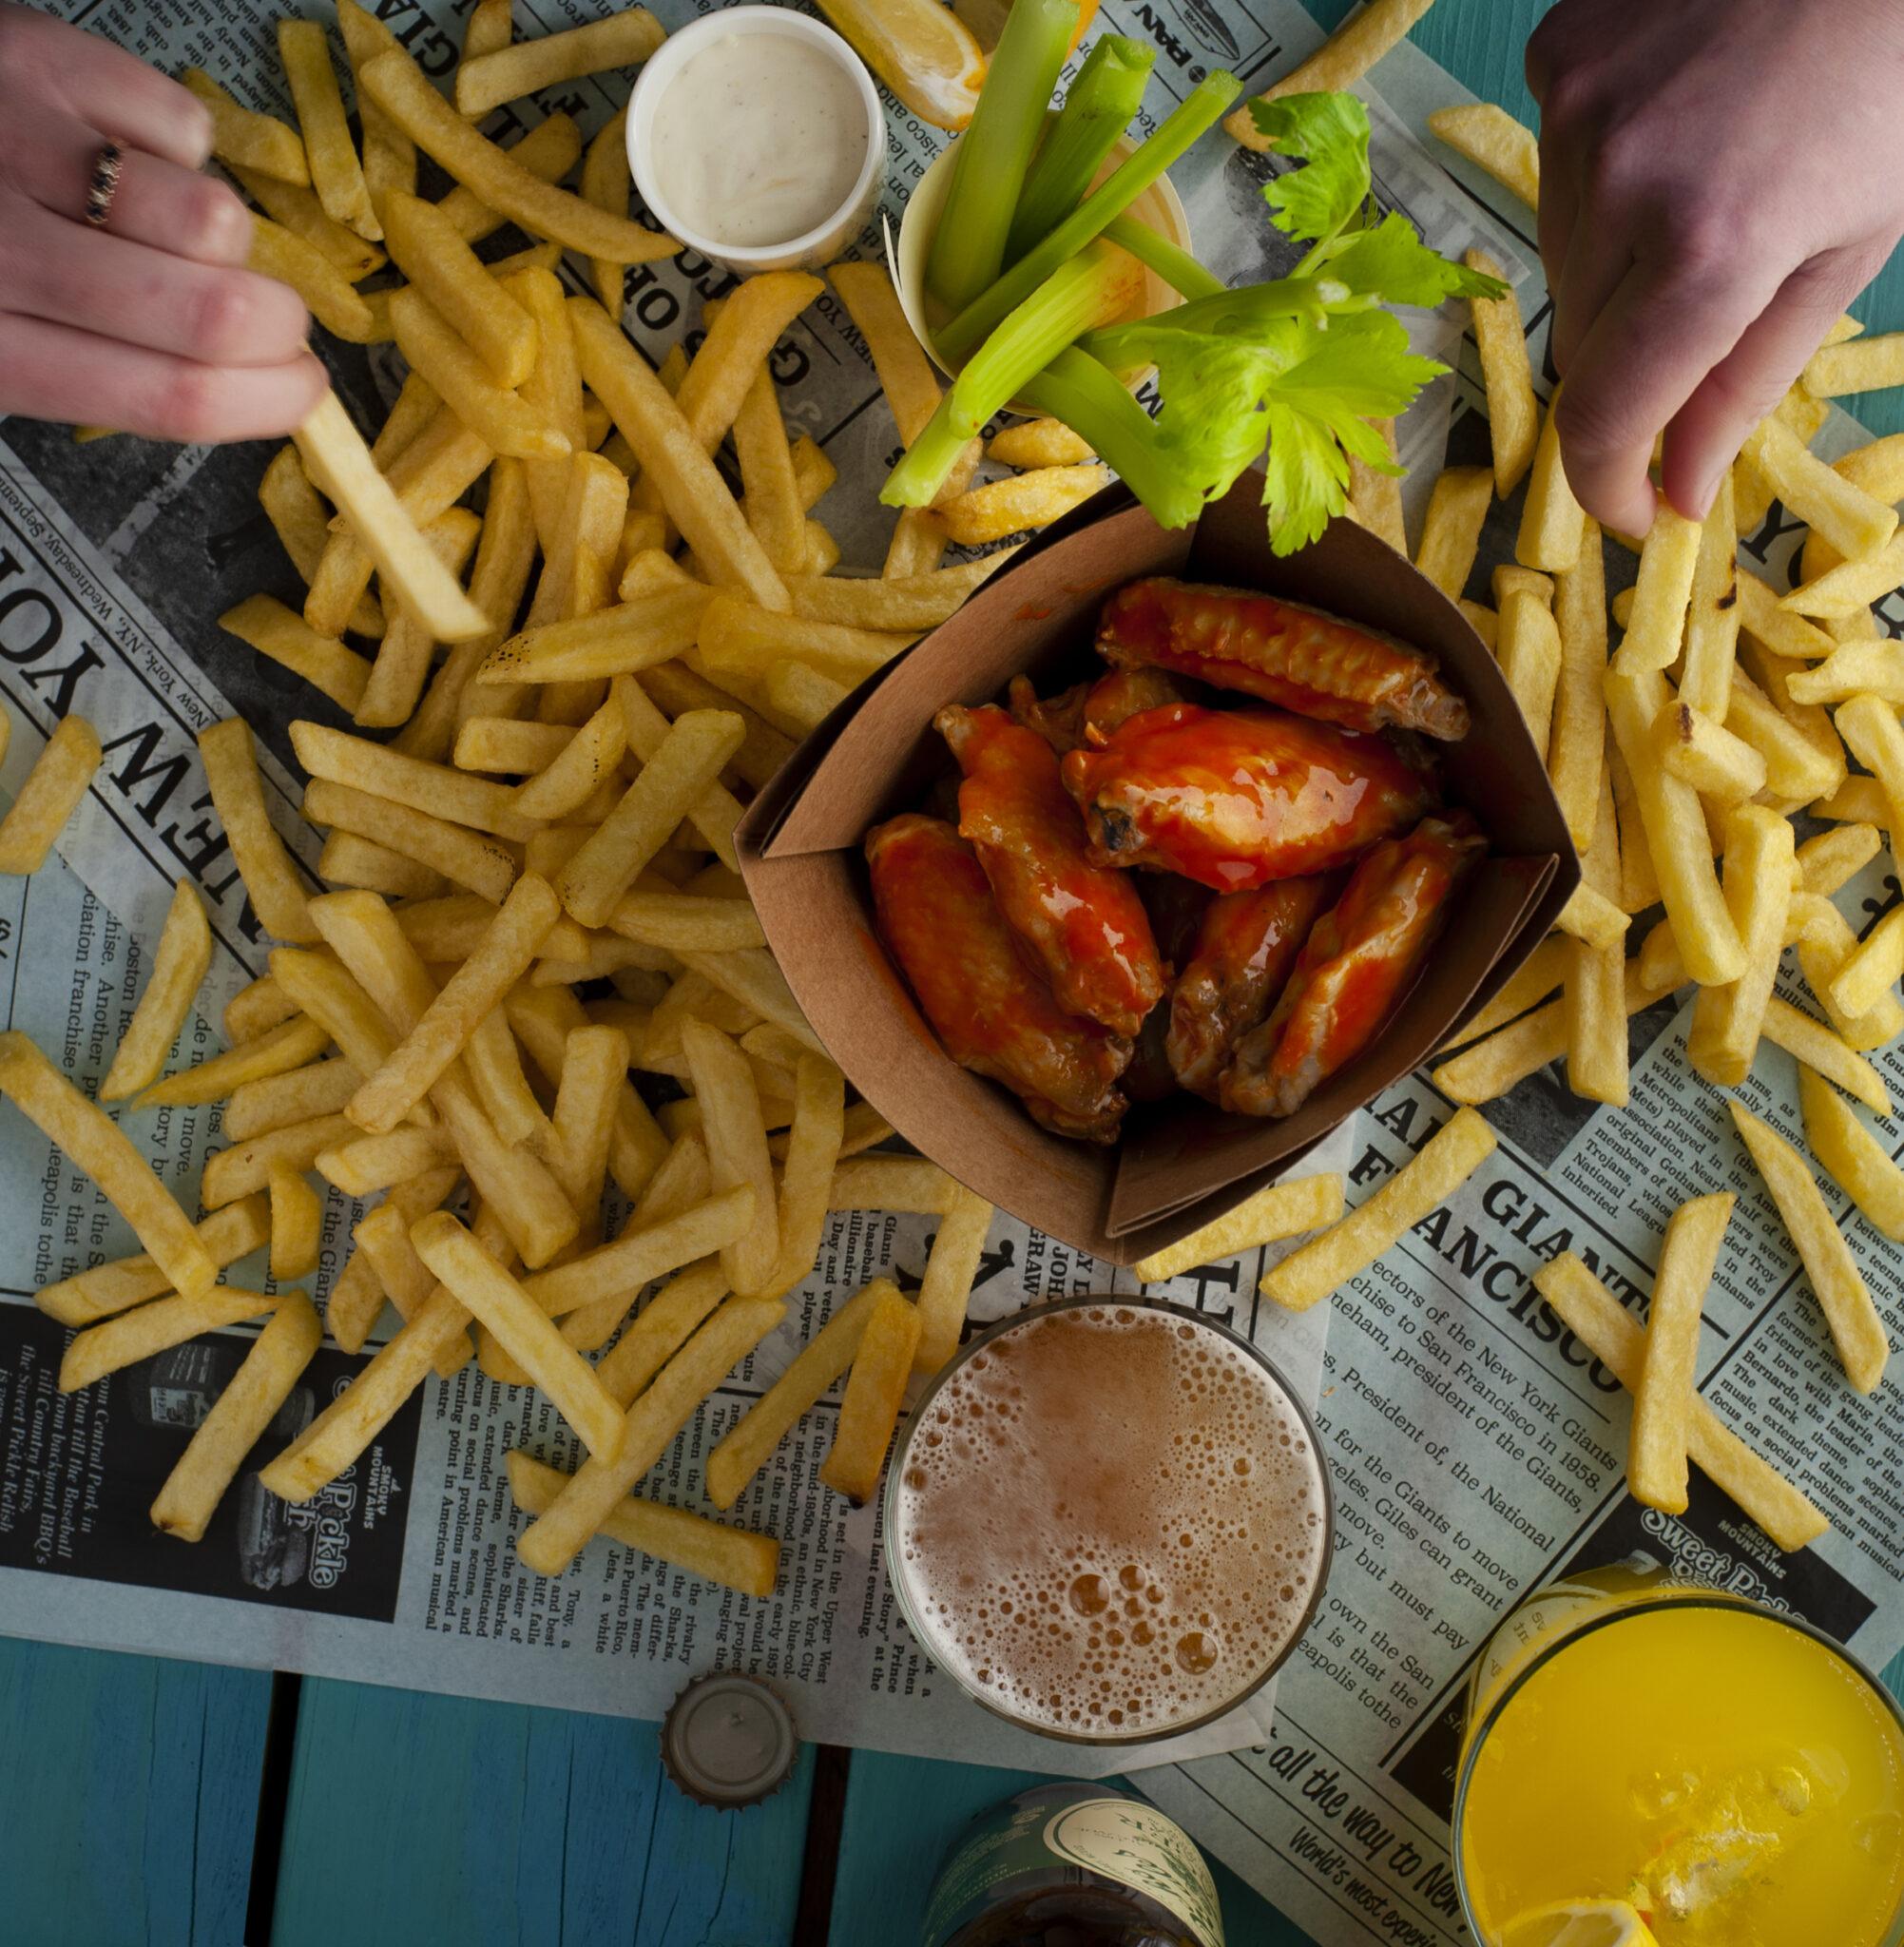 Foodfoto van chickenwings met frietjes en twee handen die frietjes pakken